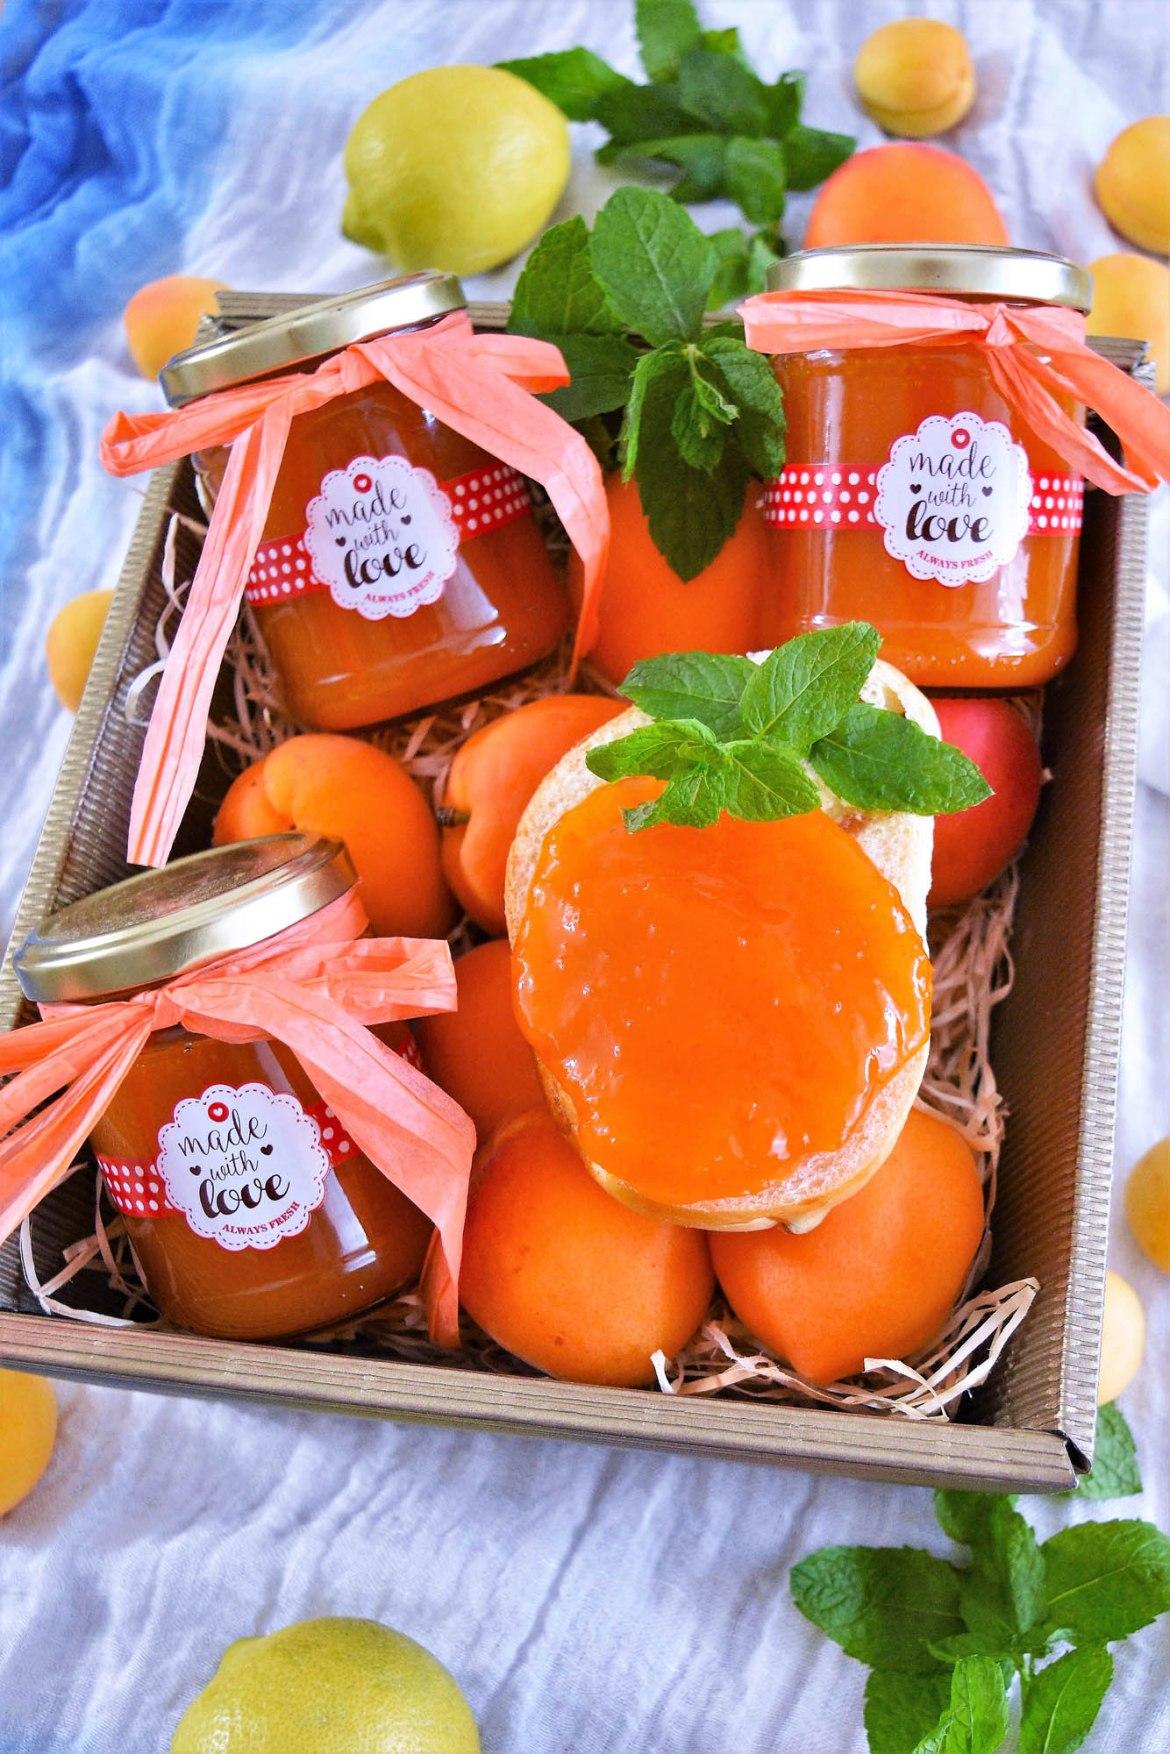 Aprikosenmarmelade mit Marzipan-Konfitüre-BallesWorld